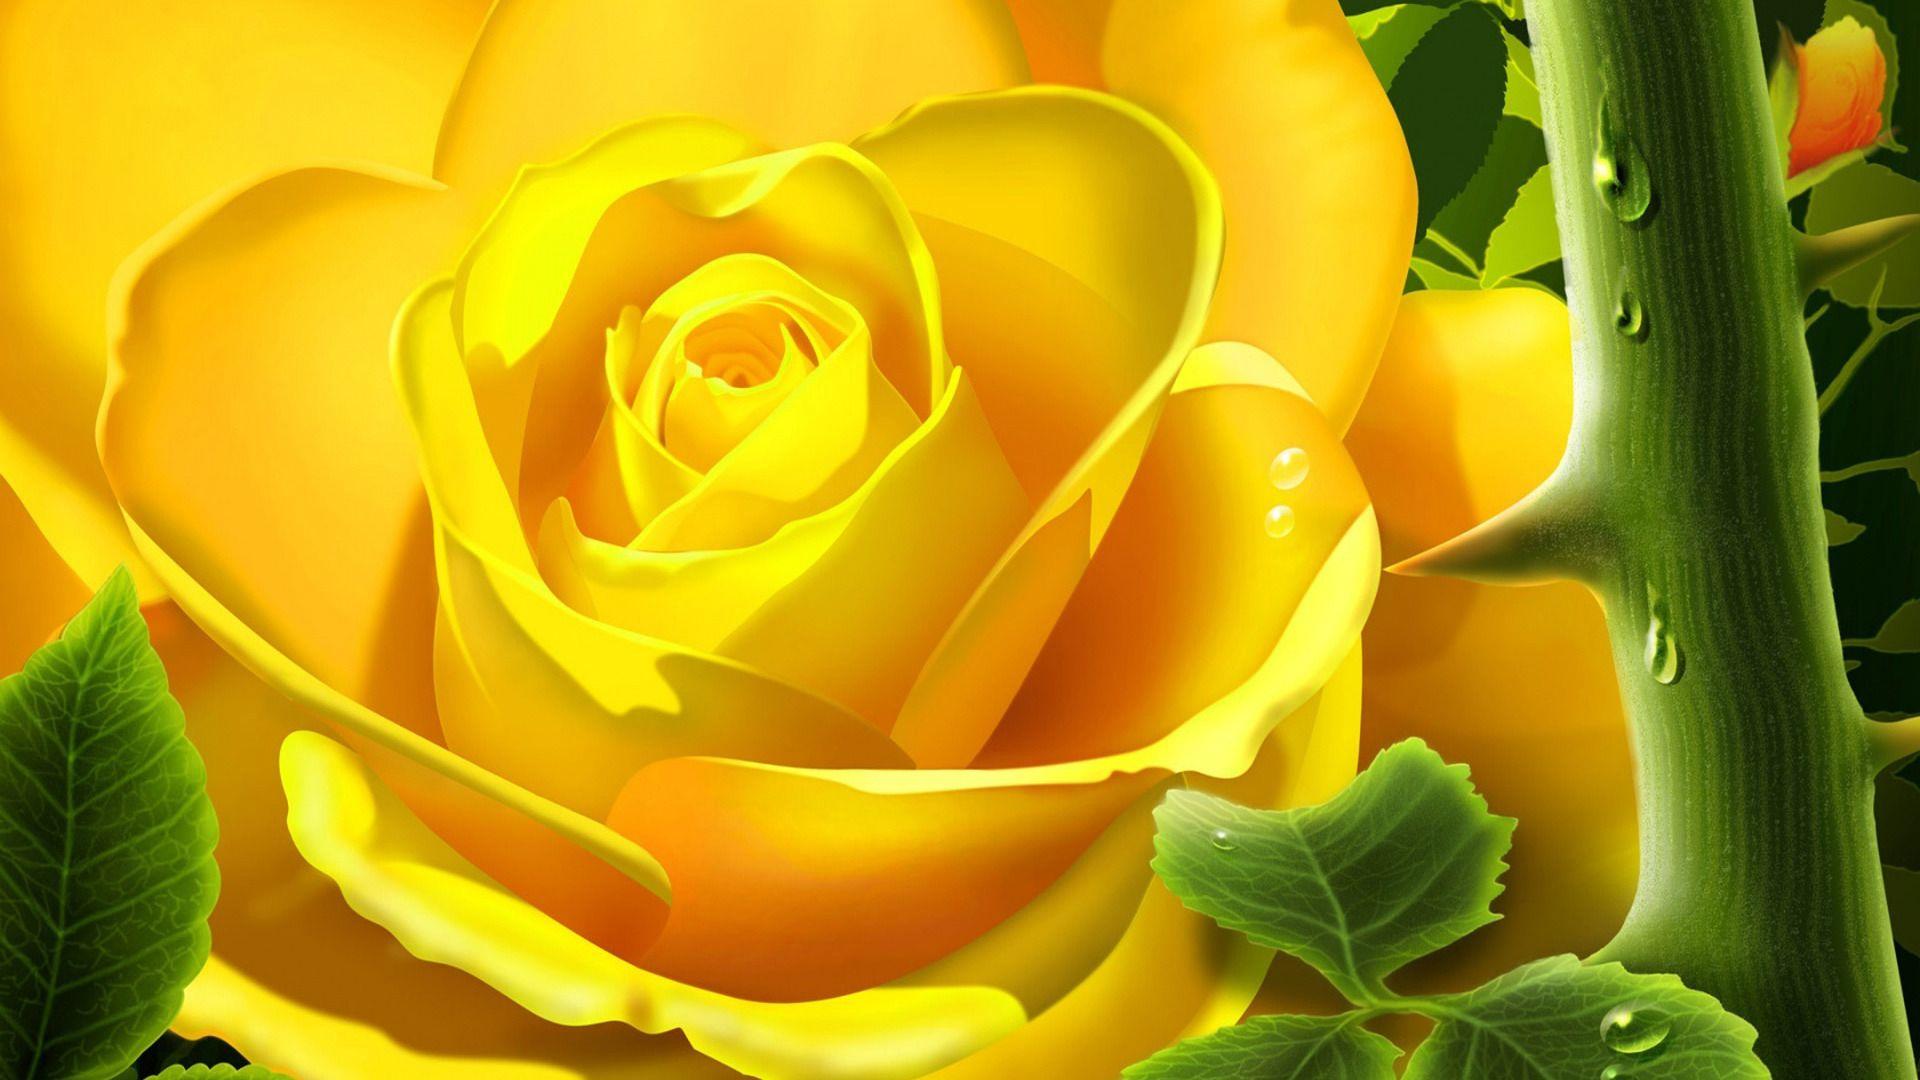 3d Yellow Rose Wallpaper Yellow Flower Wallpaper Yellow Roses Yellow Rose Flower